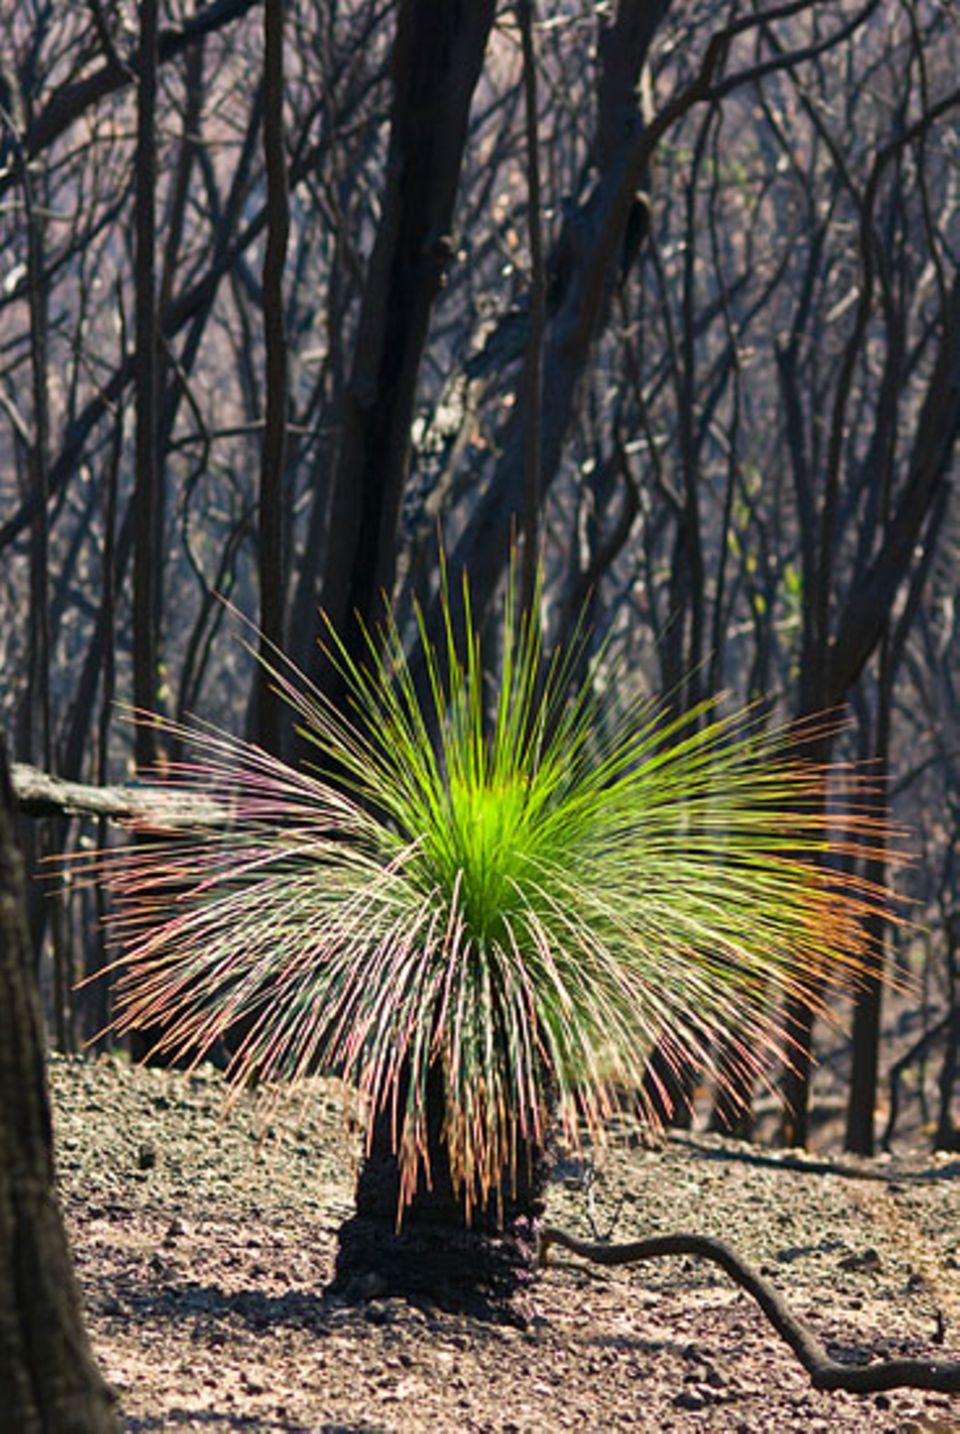 Der Grasbaum braucht den Rauch des Feuers, um sich vermehren zu können.